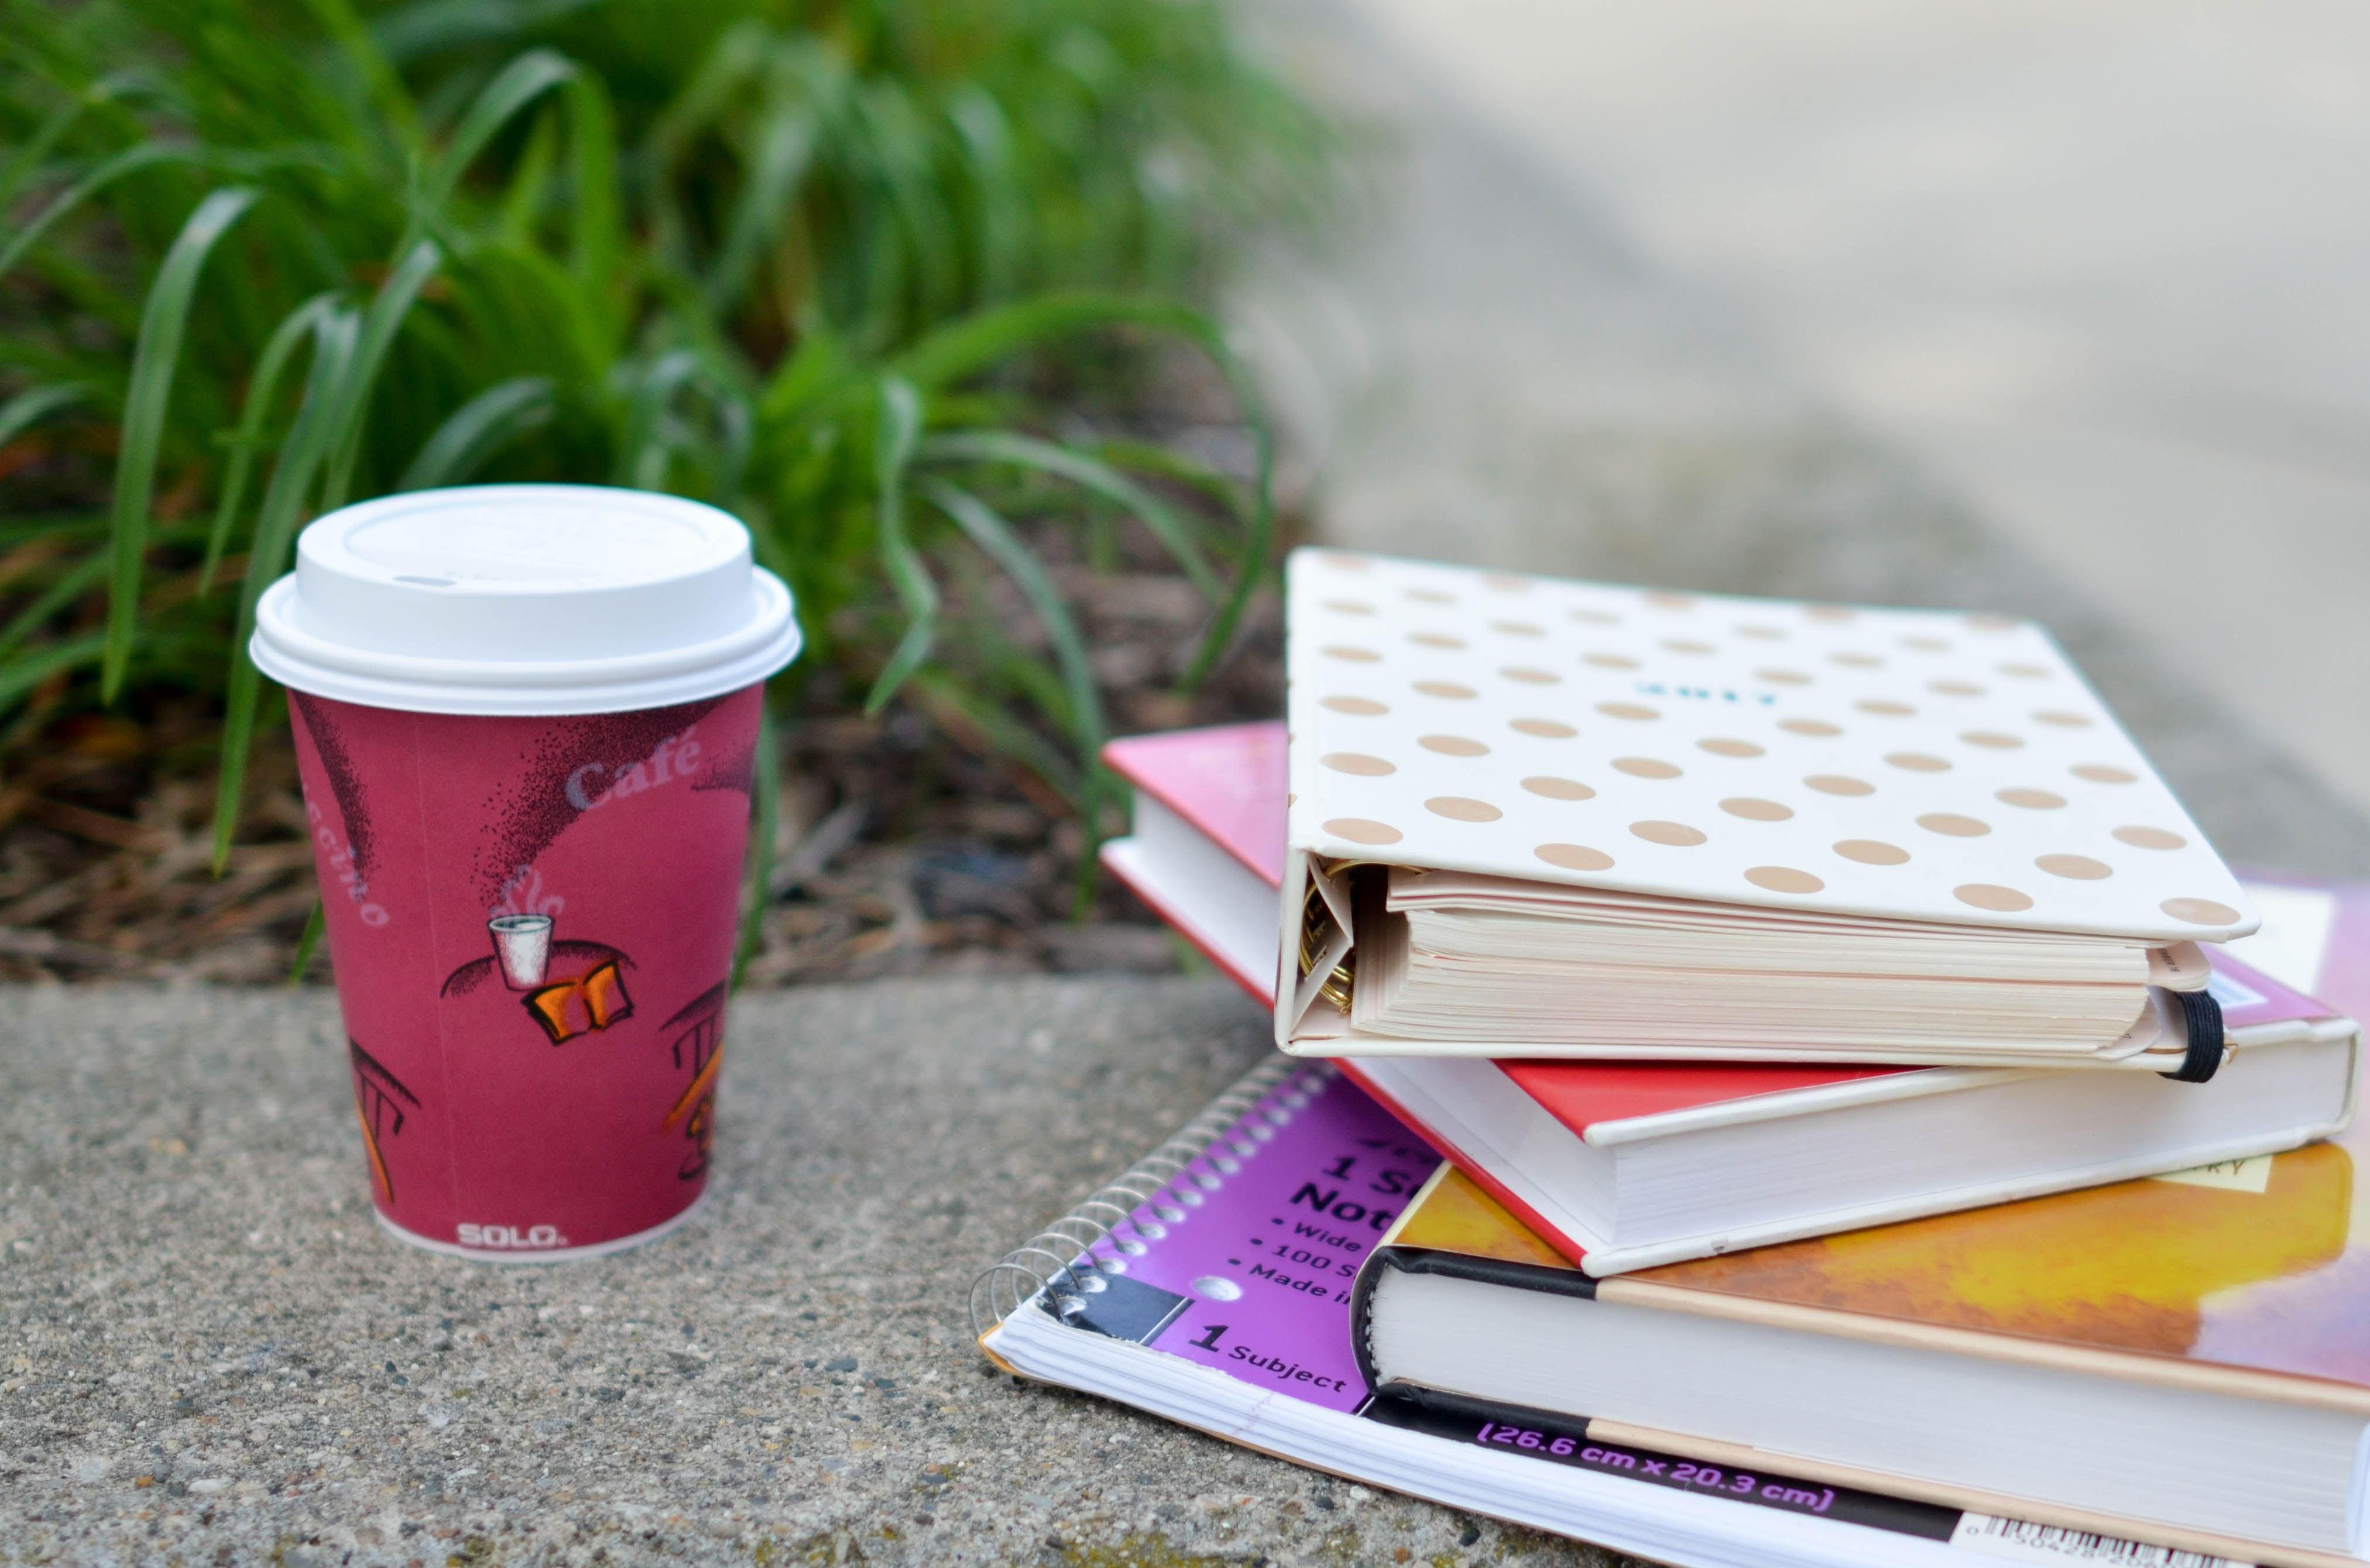 Kaffeebecher, Bücher und Notizbücher auf sandiger Unterlage